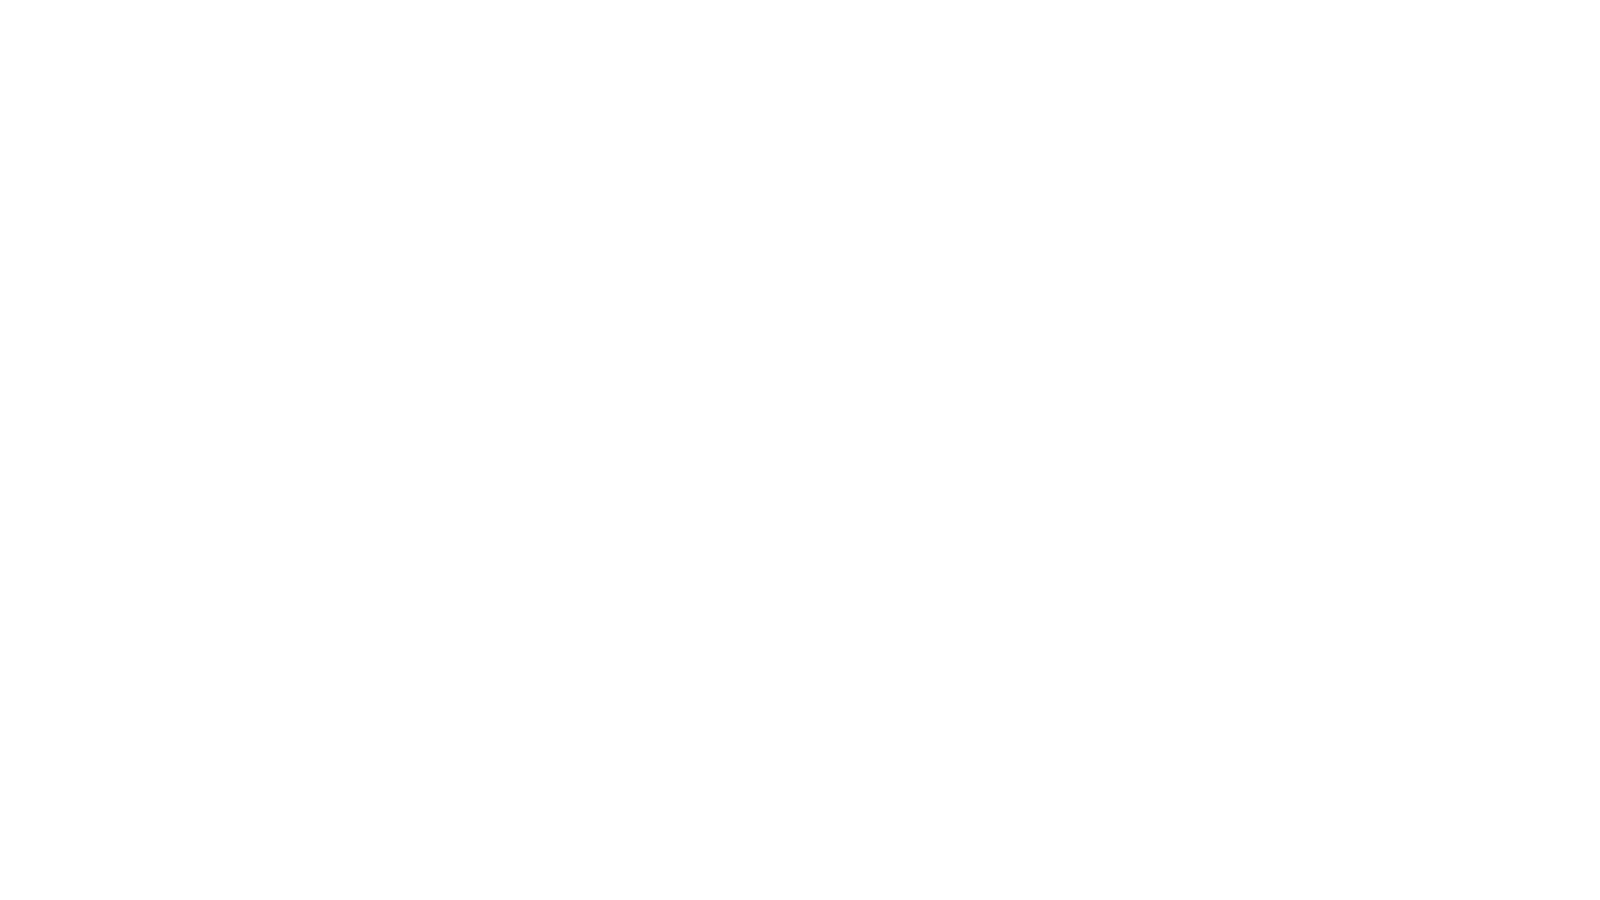 Ring Ring è un brano estratto dal loro primo album omonimo pubblicato nel 1973. Con questo brano si classificarono terzi all'Eurofestival di quell'anno per poi accedere al trionfo l'anno successivo con Waterloo.  Il rapporto del formato video originale è 4:3  ritagliandolo per metà non si perde troppo la lunghezza e si ottiene una maggiore visibilità verticale. Come dire...il lenzuolo quando è corto non ti copri per intero...